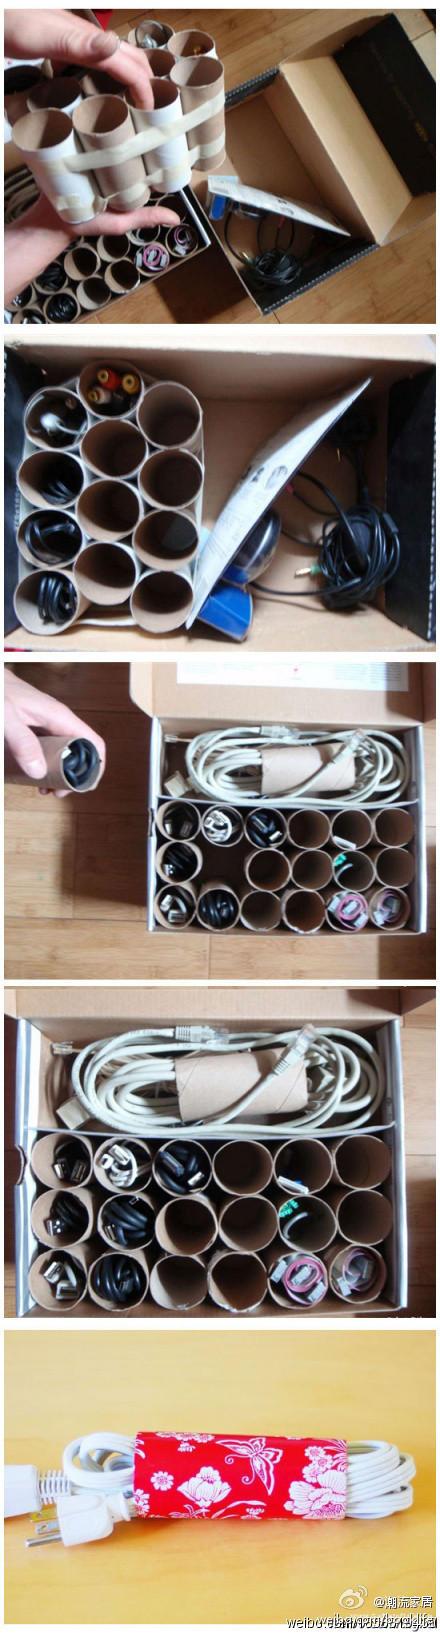 Pinspire - Con tubos de los rollos de papel, para guardar ordenados los cables.